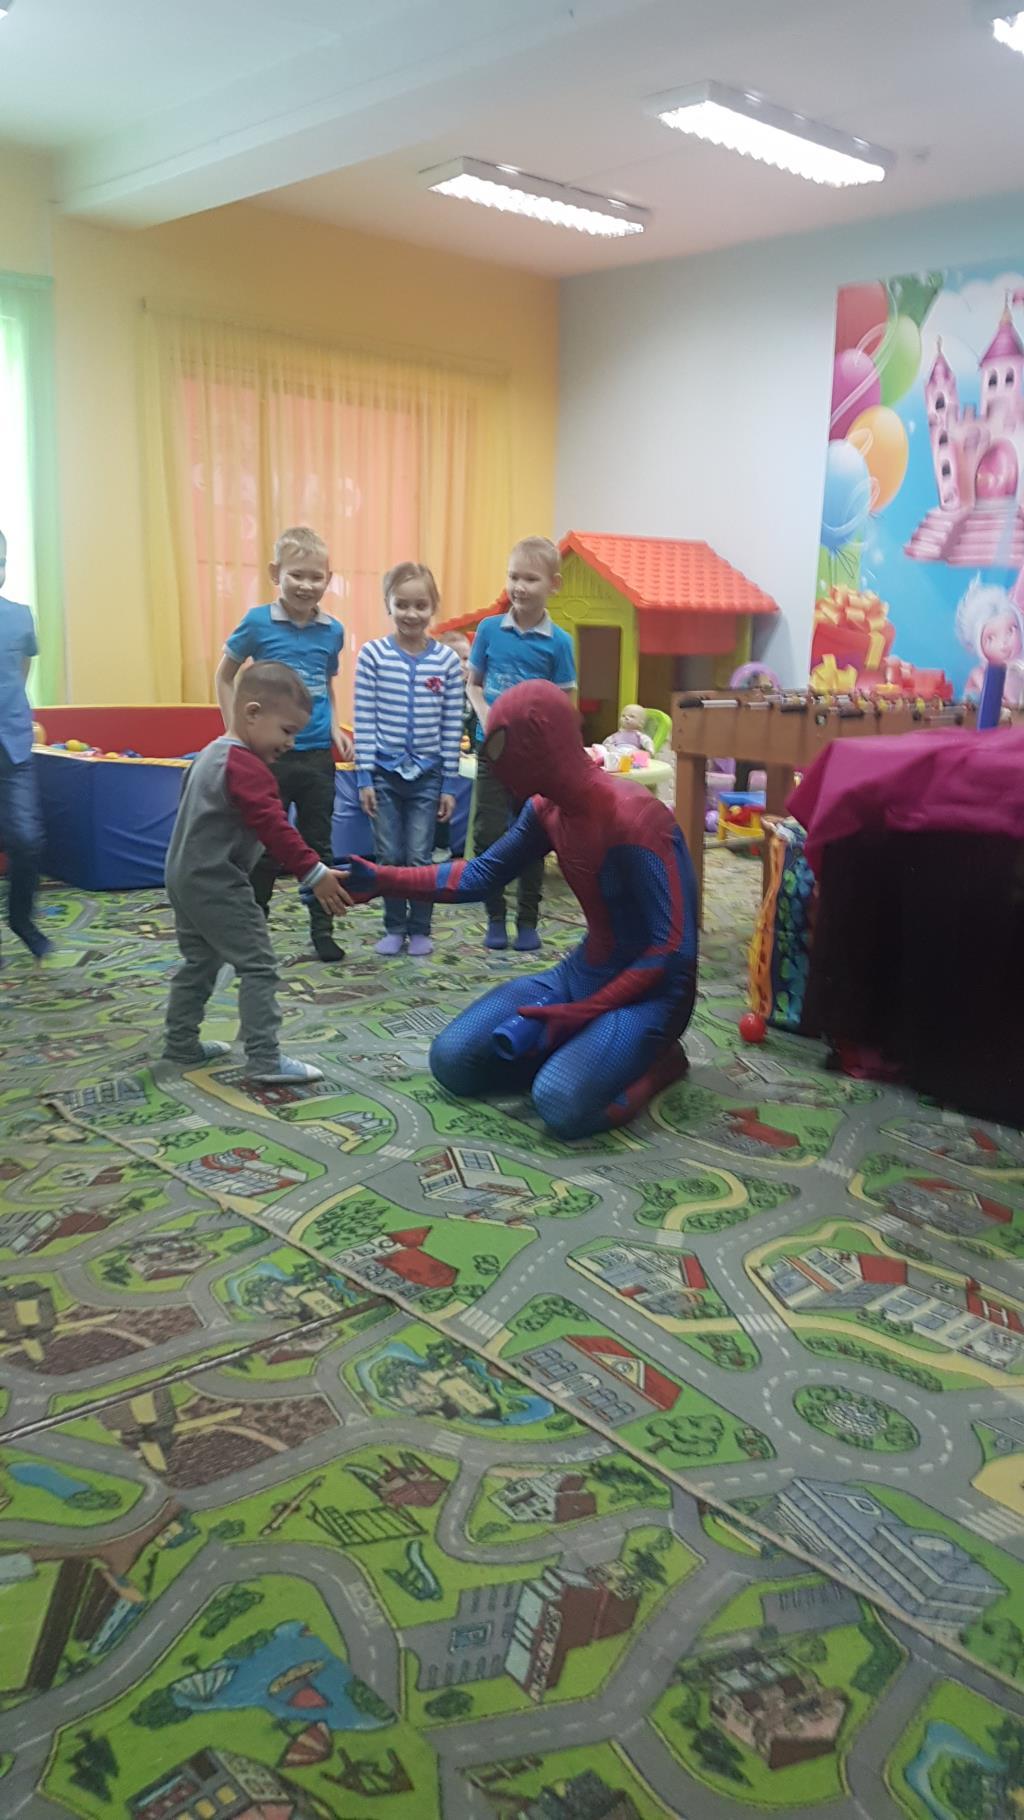 Встреча с любимым героем Человеком пауком. Мой супергерой